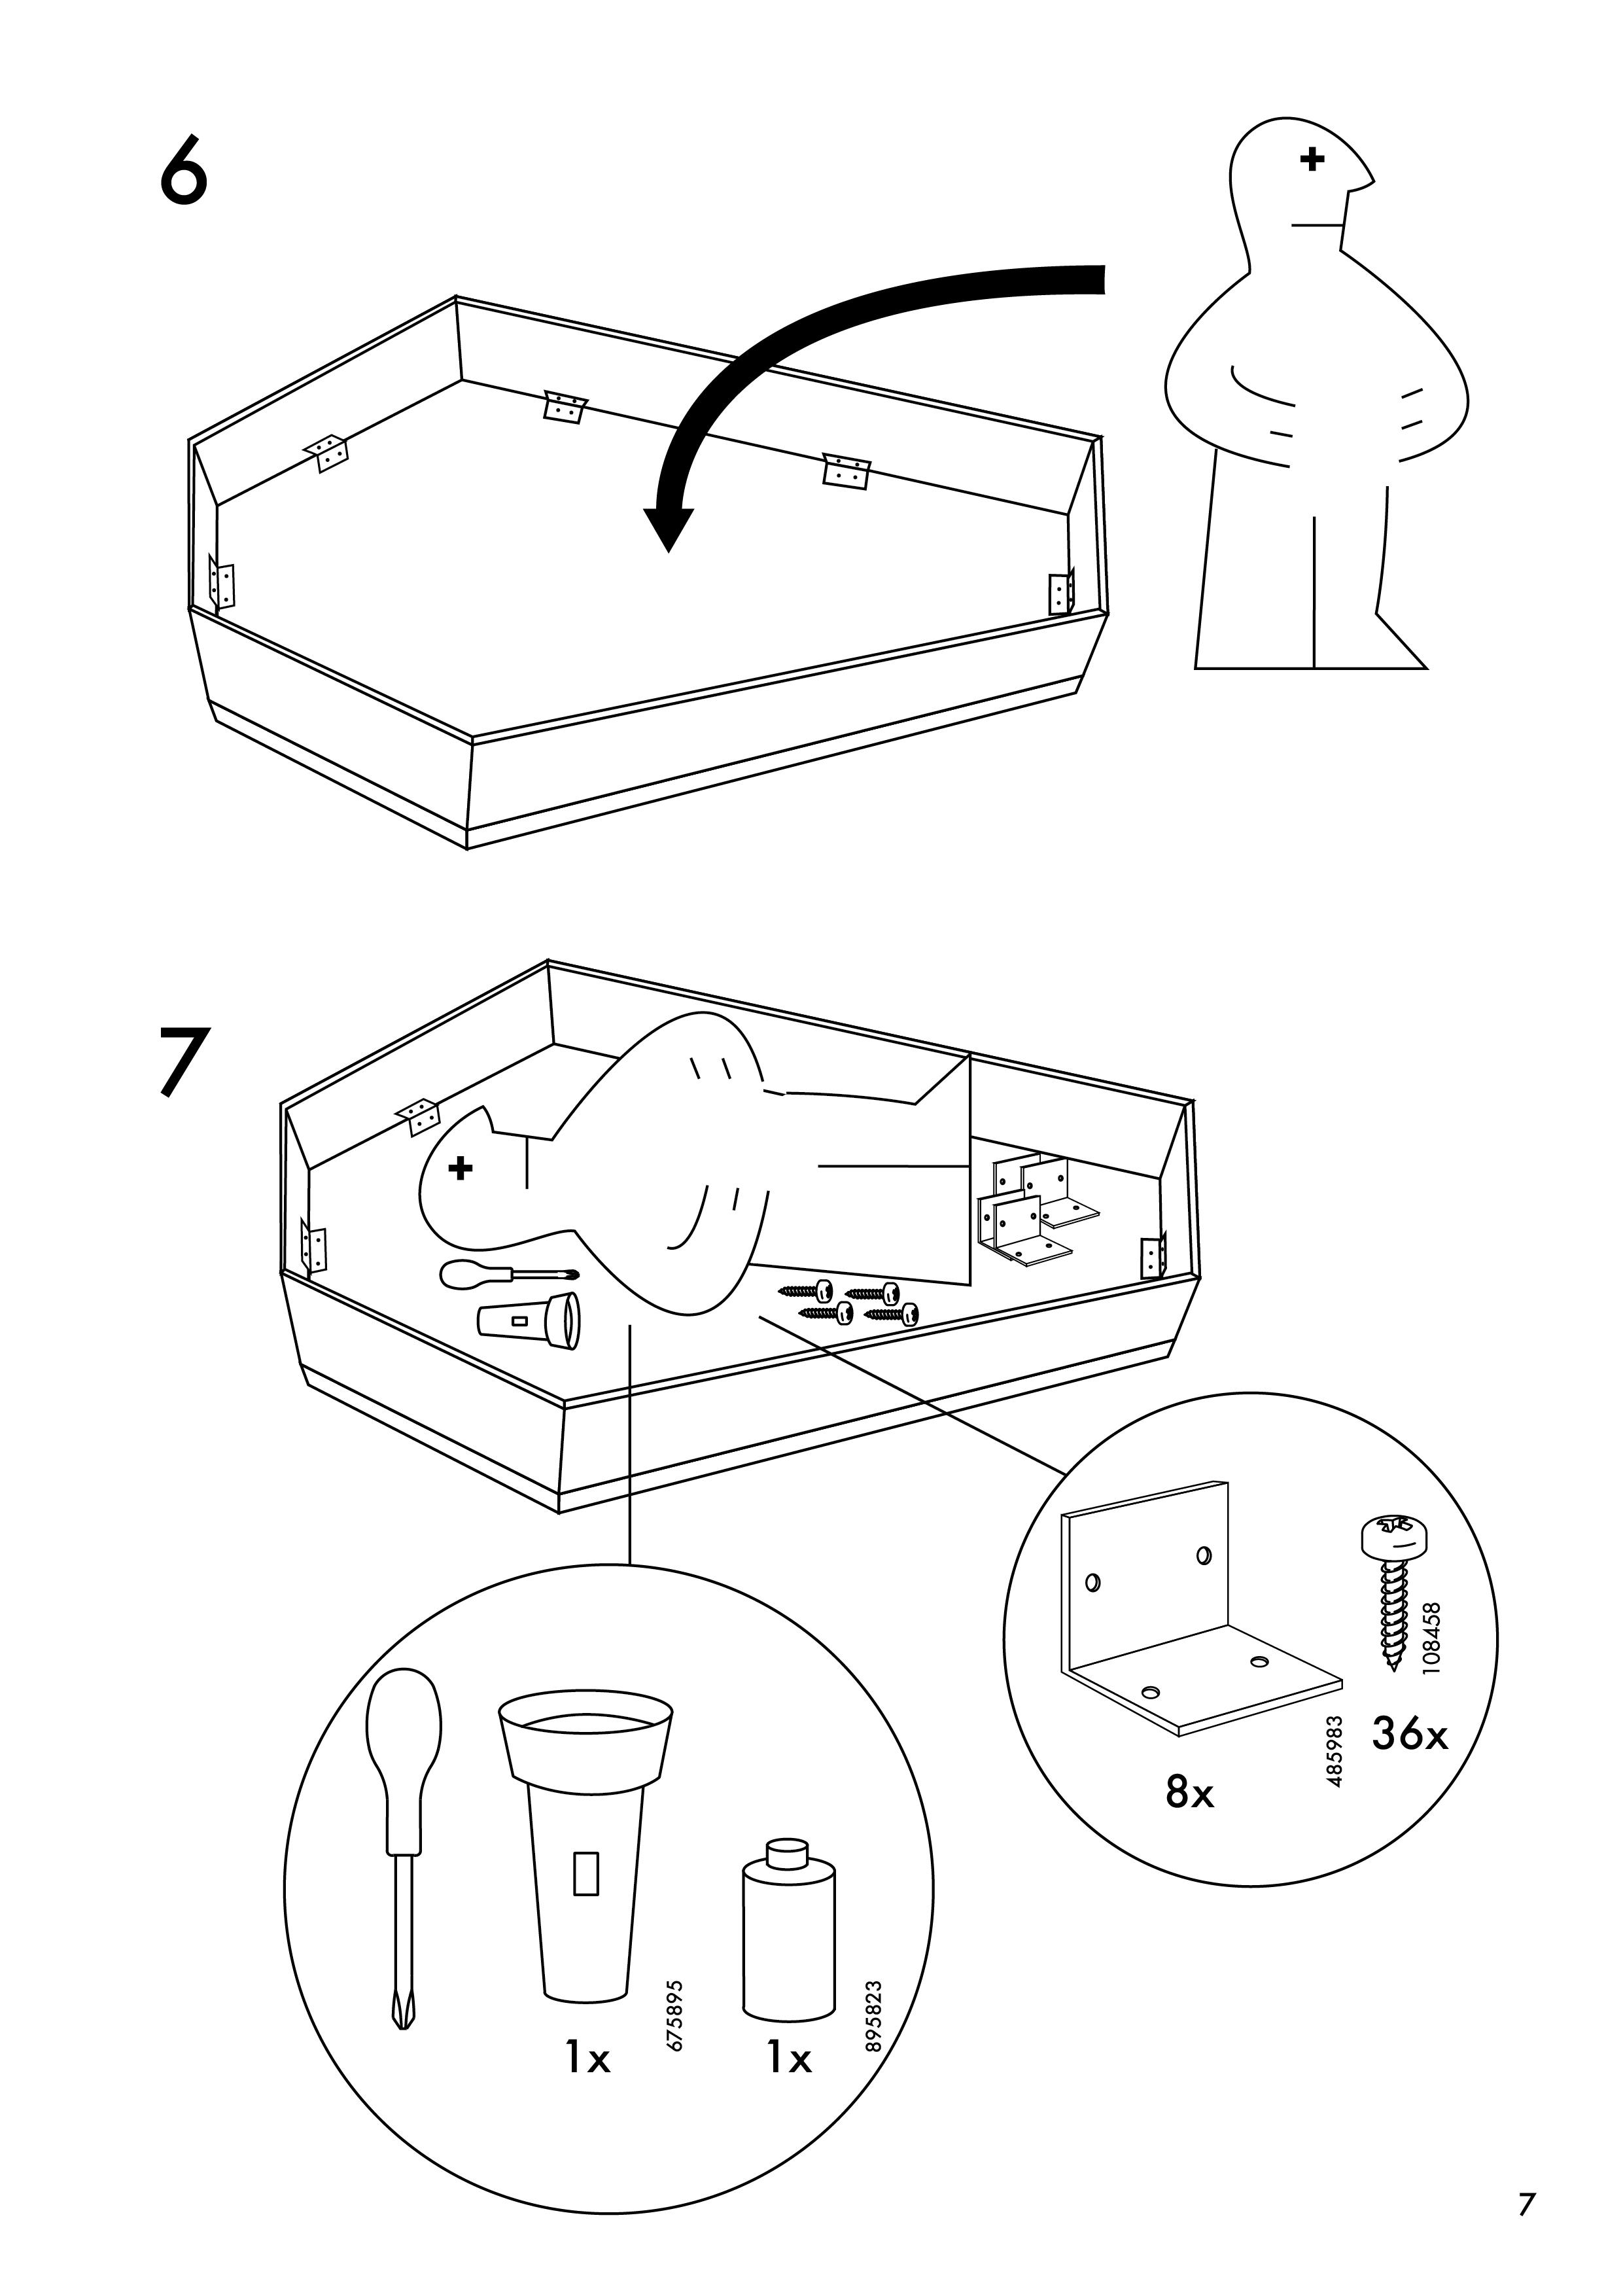 IKEA CATALOGUE 2cs2V2-08.jpg